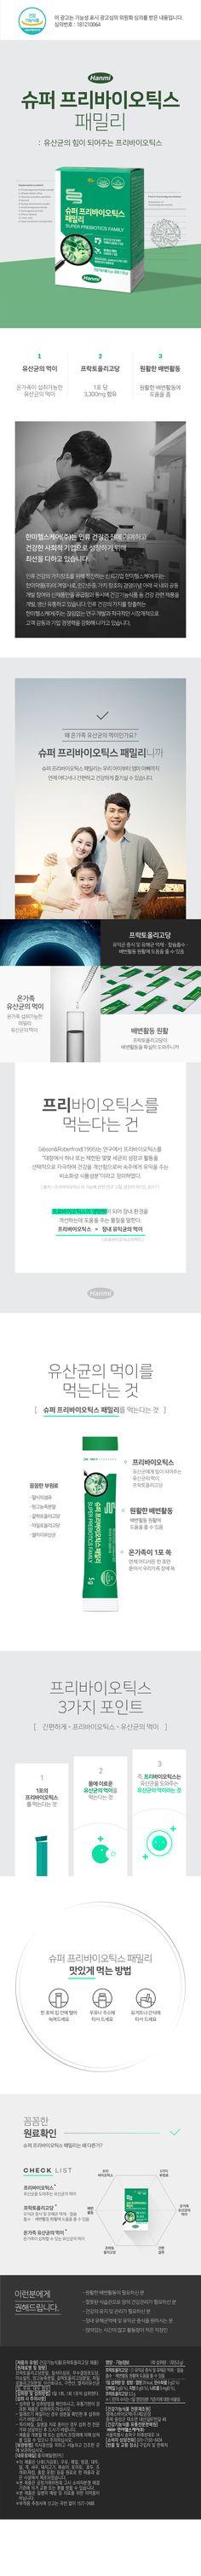 텐바이텐 10X10 : 비타민마을 한미 슈퍼 프리바이오틱스 패밀리 1박스 Web Design, Page Design, Layout Design, Cosmetic Web, Medical Packaging, Presentation Layout, Promotional Design, Event Page, Poster Layout